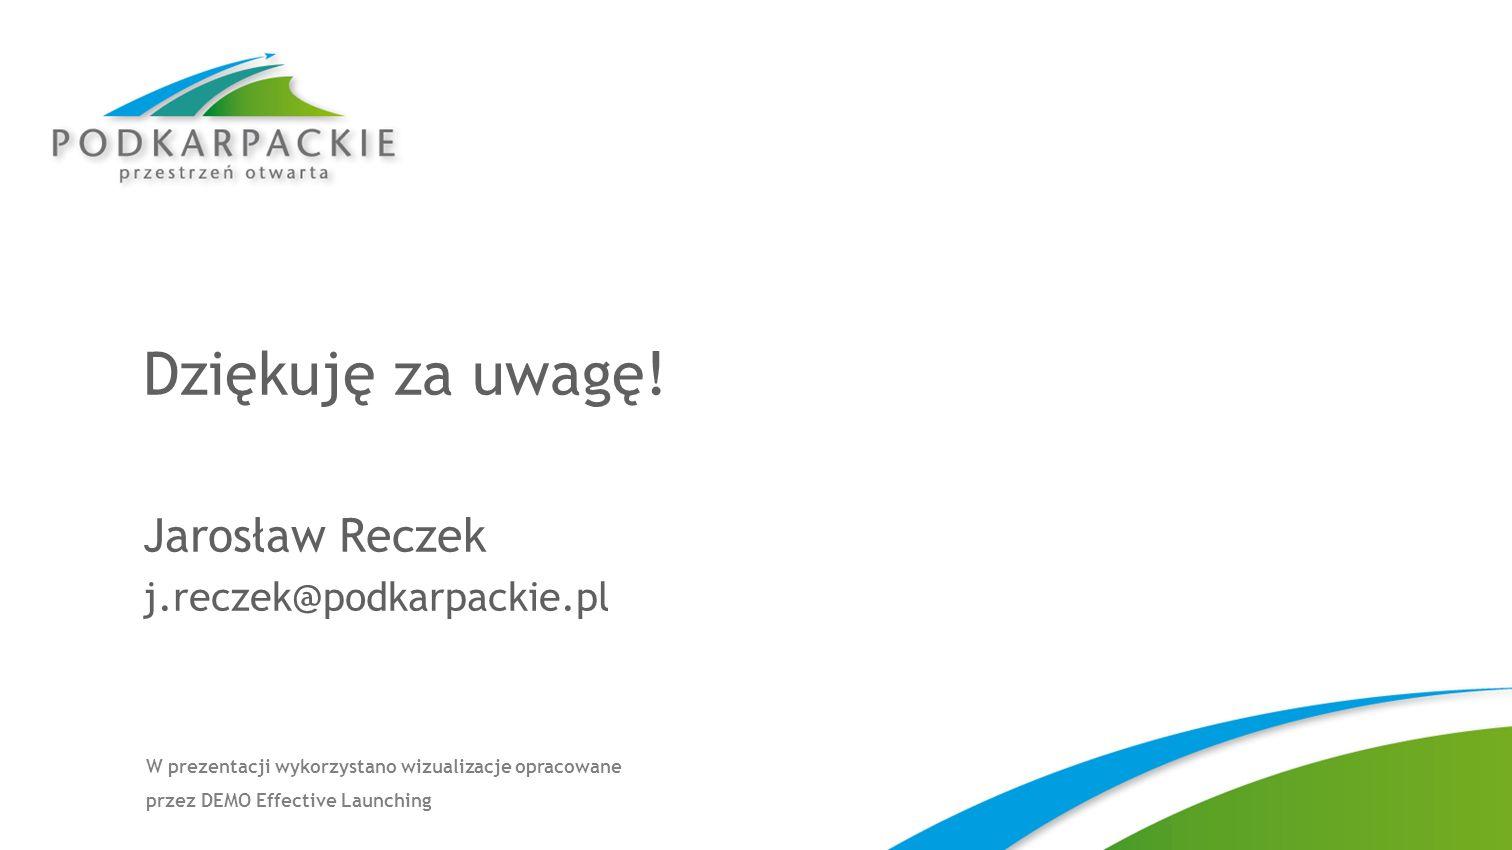 Dziękuję za uwagę! Jarosław Reczek j.reczek@podkarpackie.pl